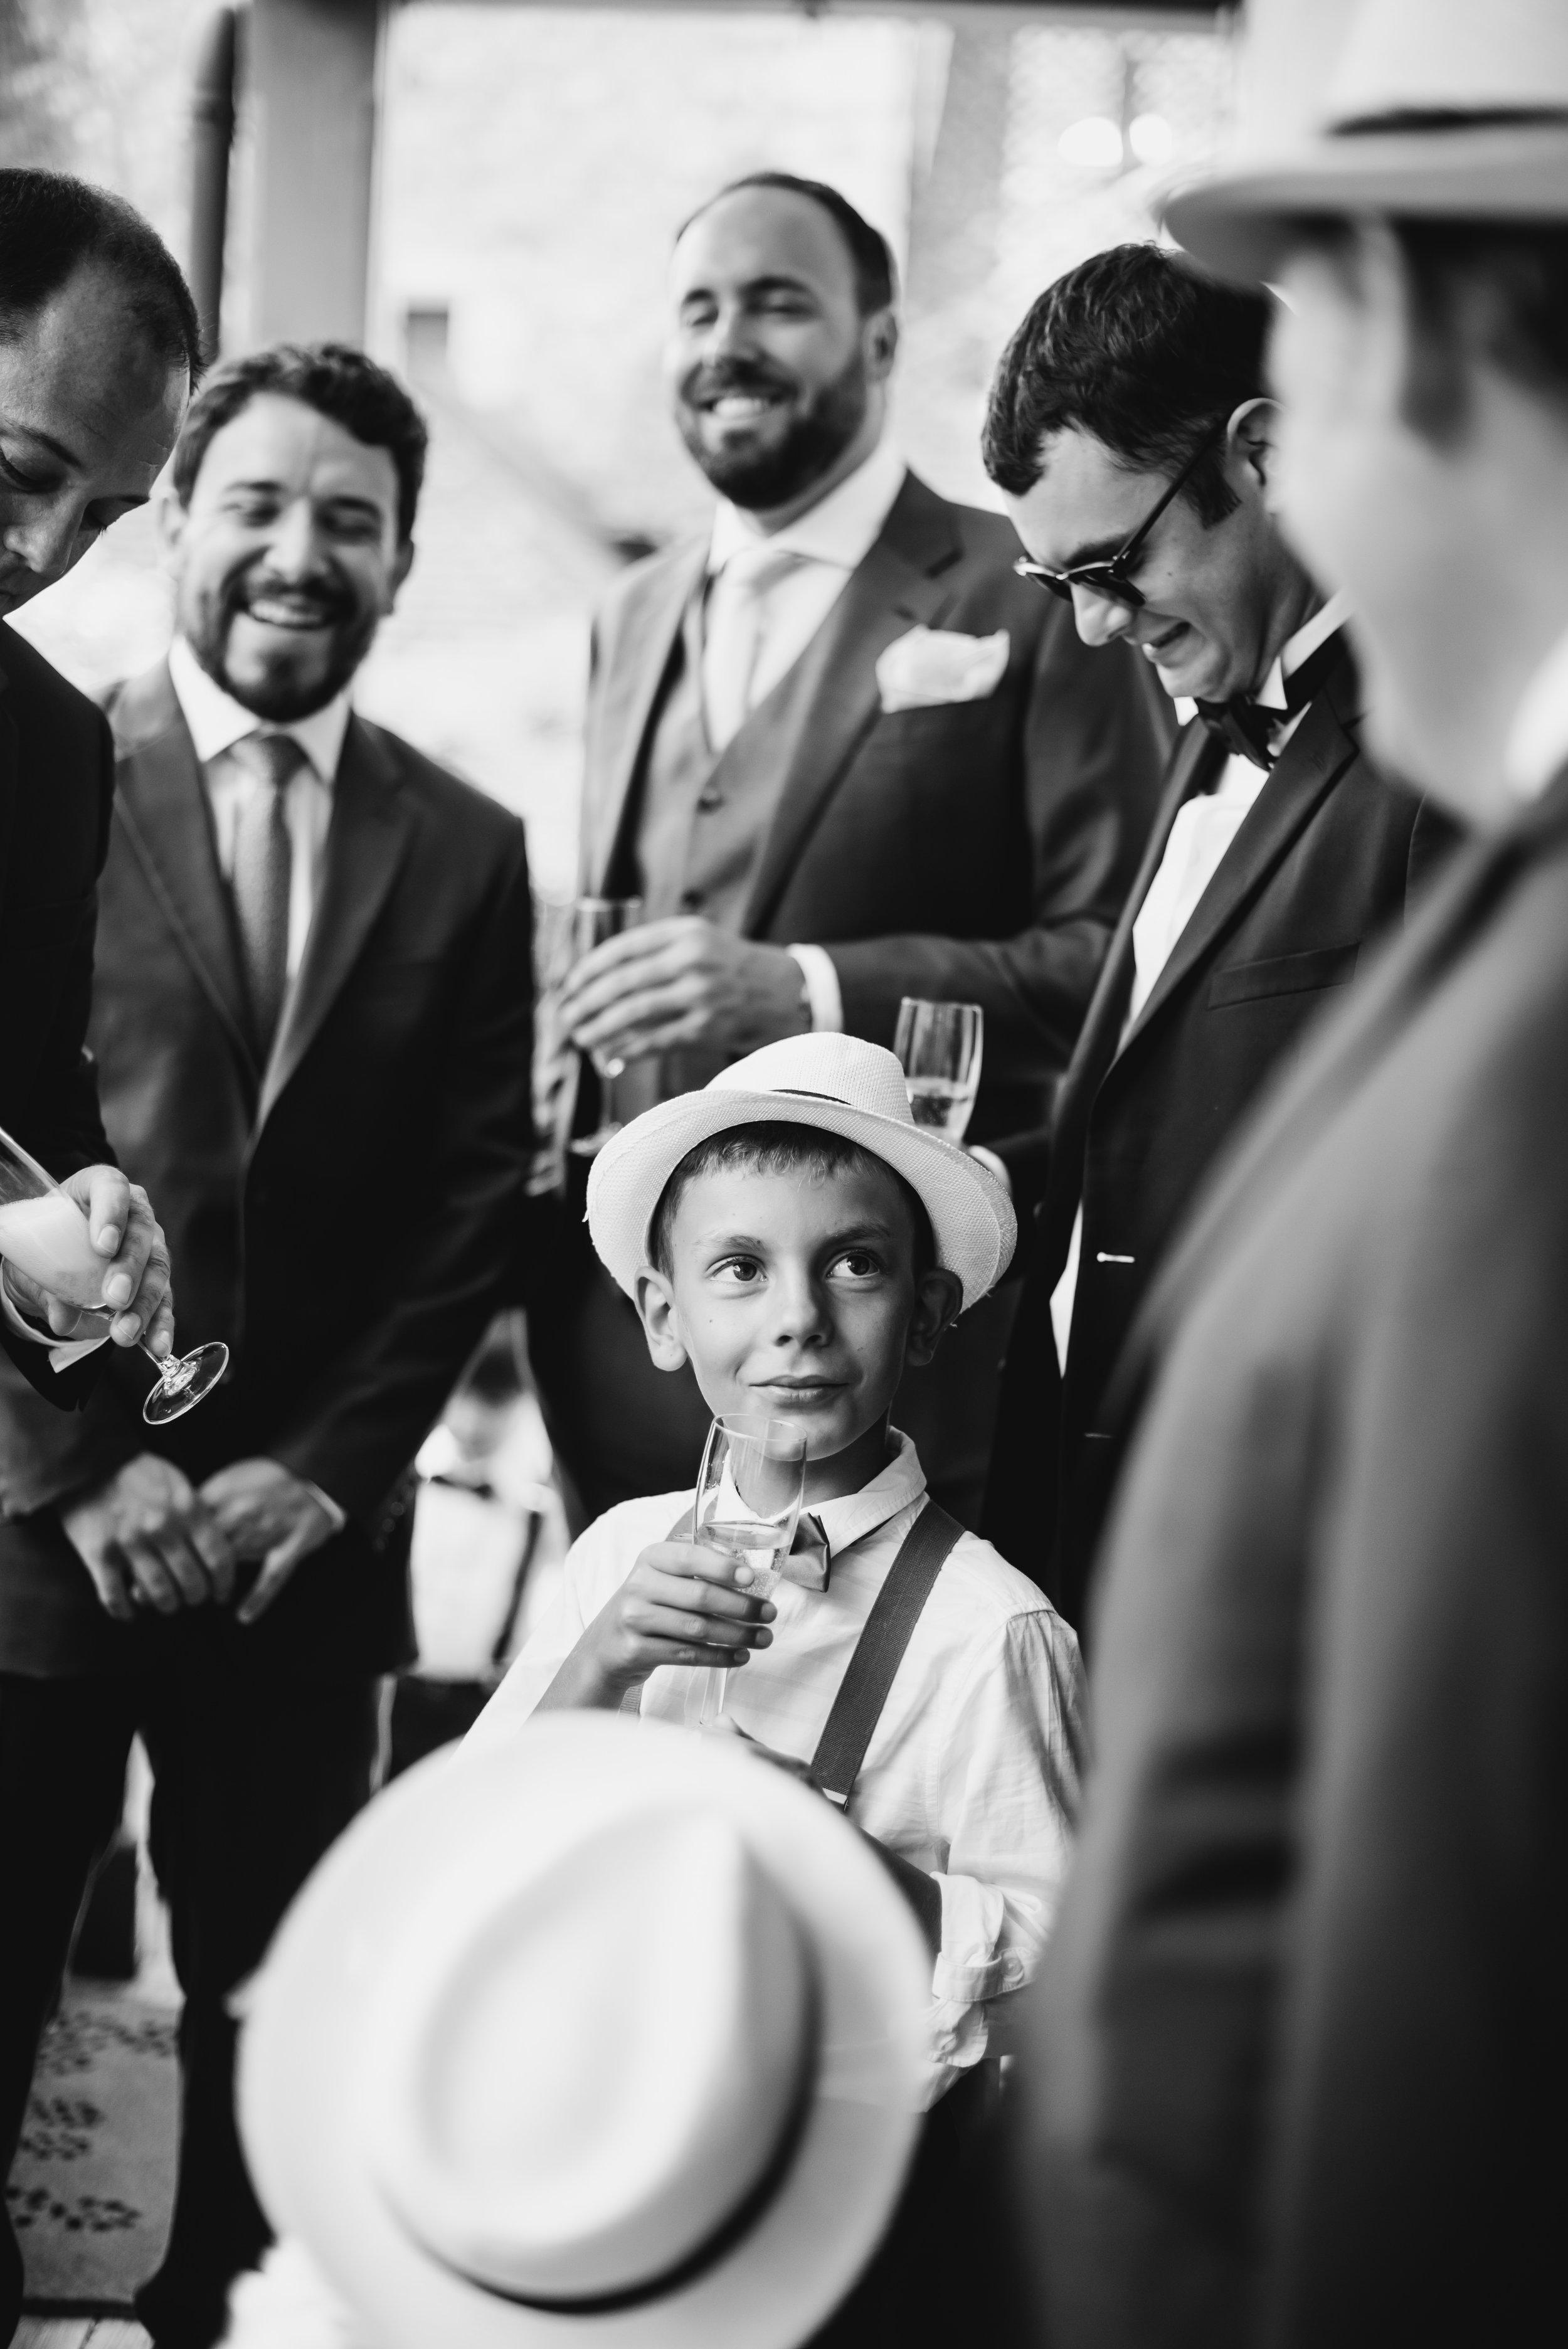 Léa-Fery-photographe-professionnel-lyon-rhone-alpes-portrait-creation-mariage-evenement-evenementiel-famille-0065.jpg